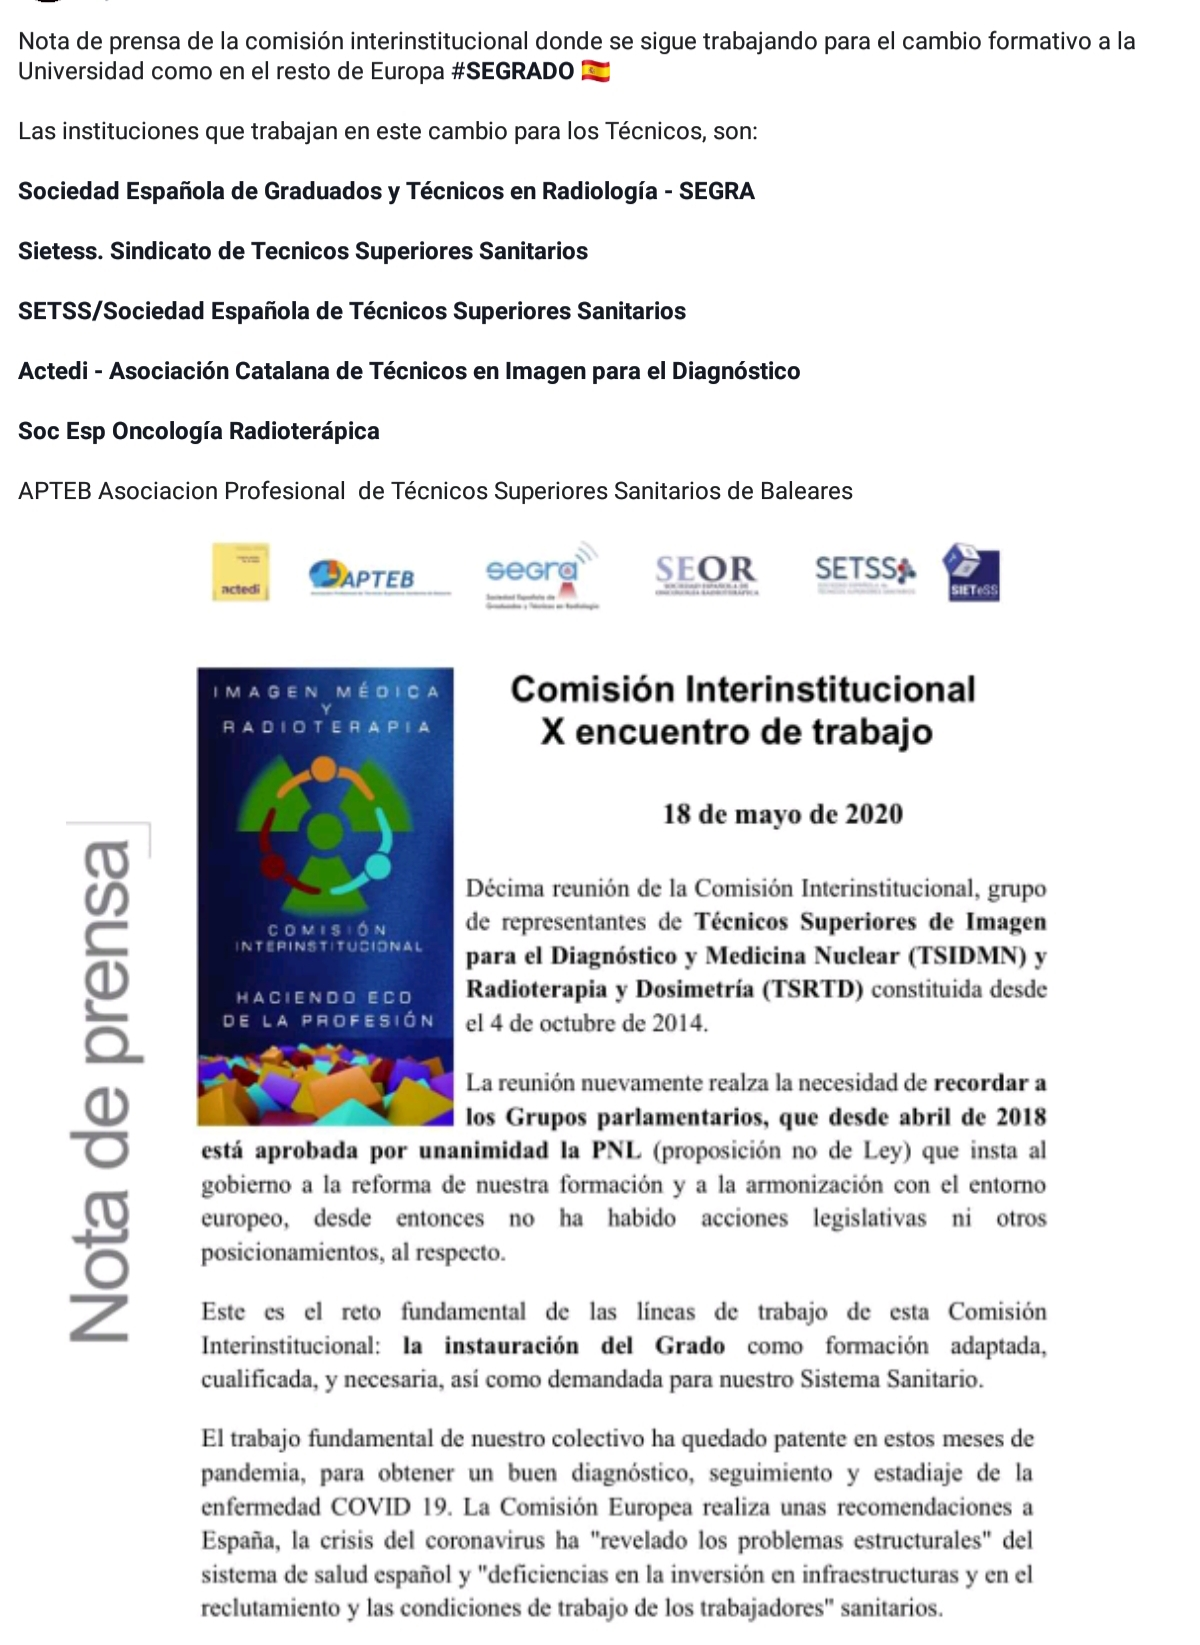 Nota de prensa de la comisión interinstitucional donde se sigue trabajando para el cambio formativo a la Universidad como el resto de Europa. 18 de mayo de 2020